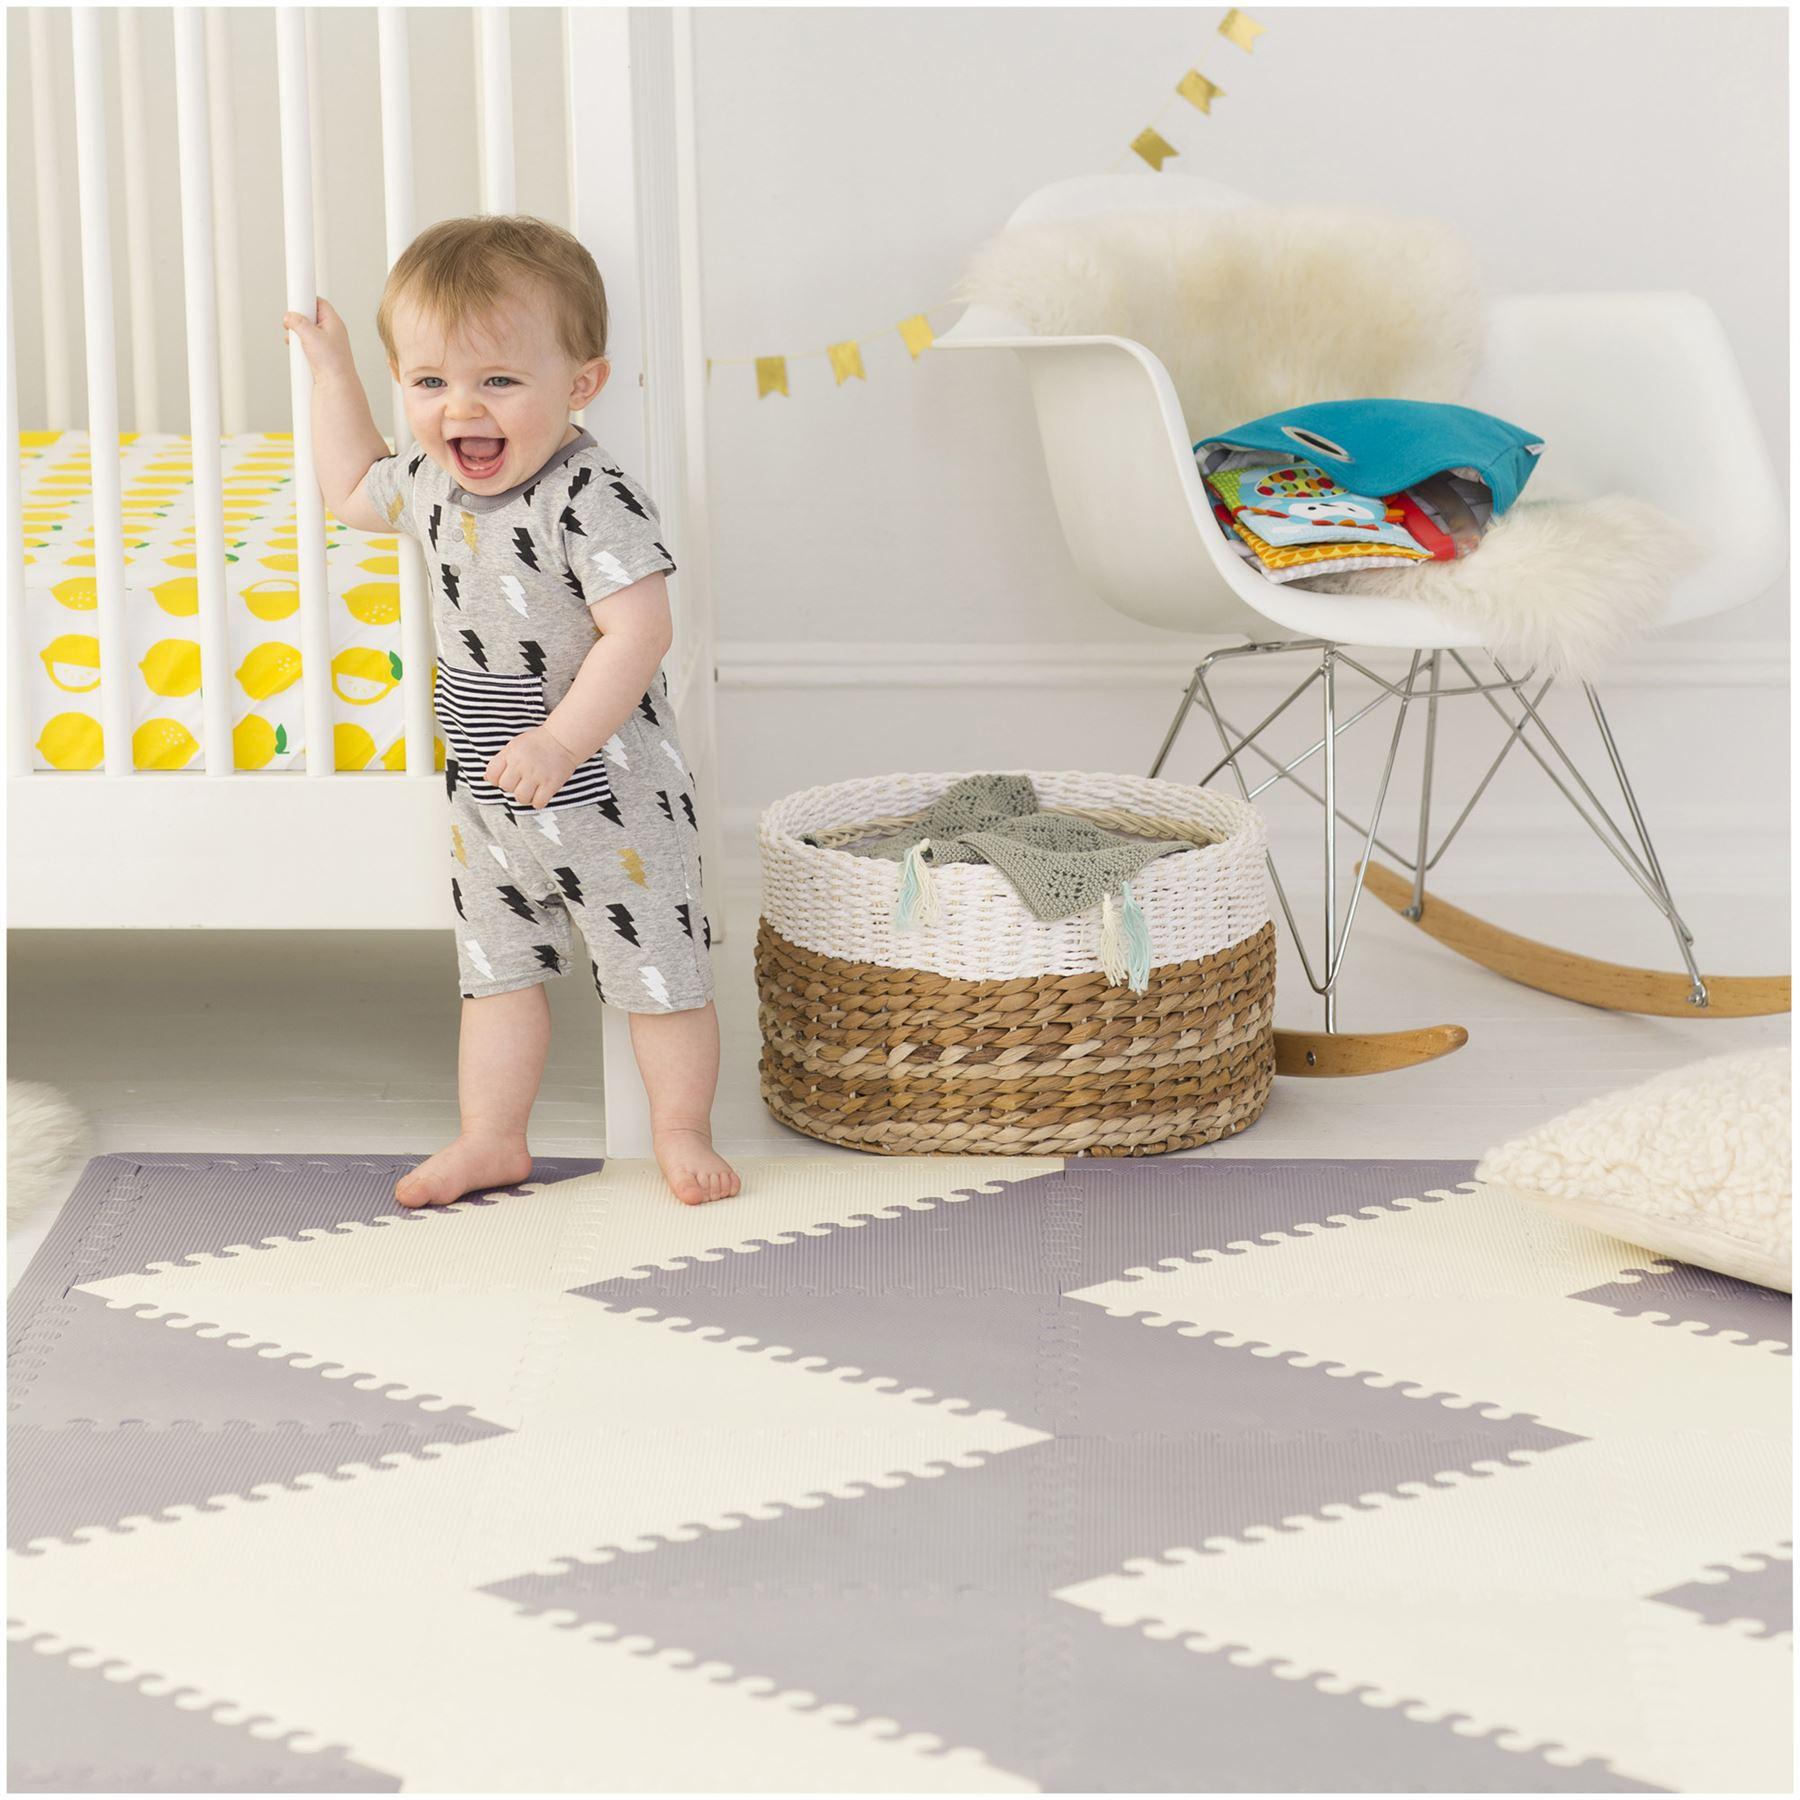 Skip Hop Playspot Geo Foam Floor Tiles Grey Cream Baby